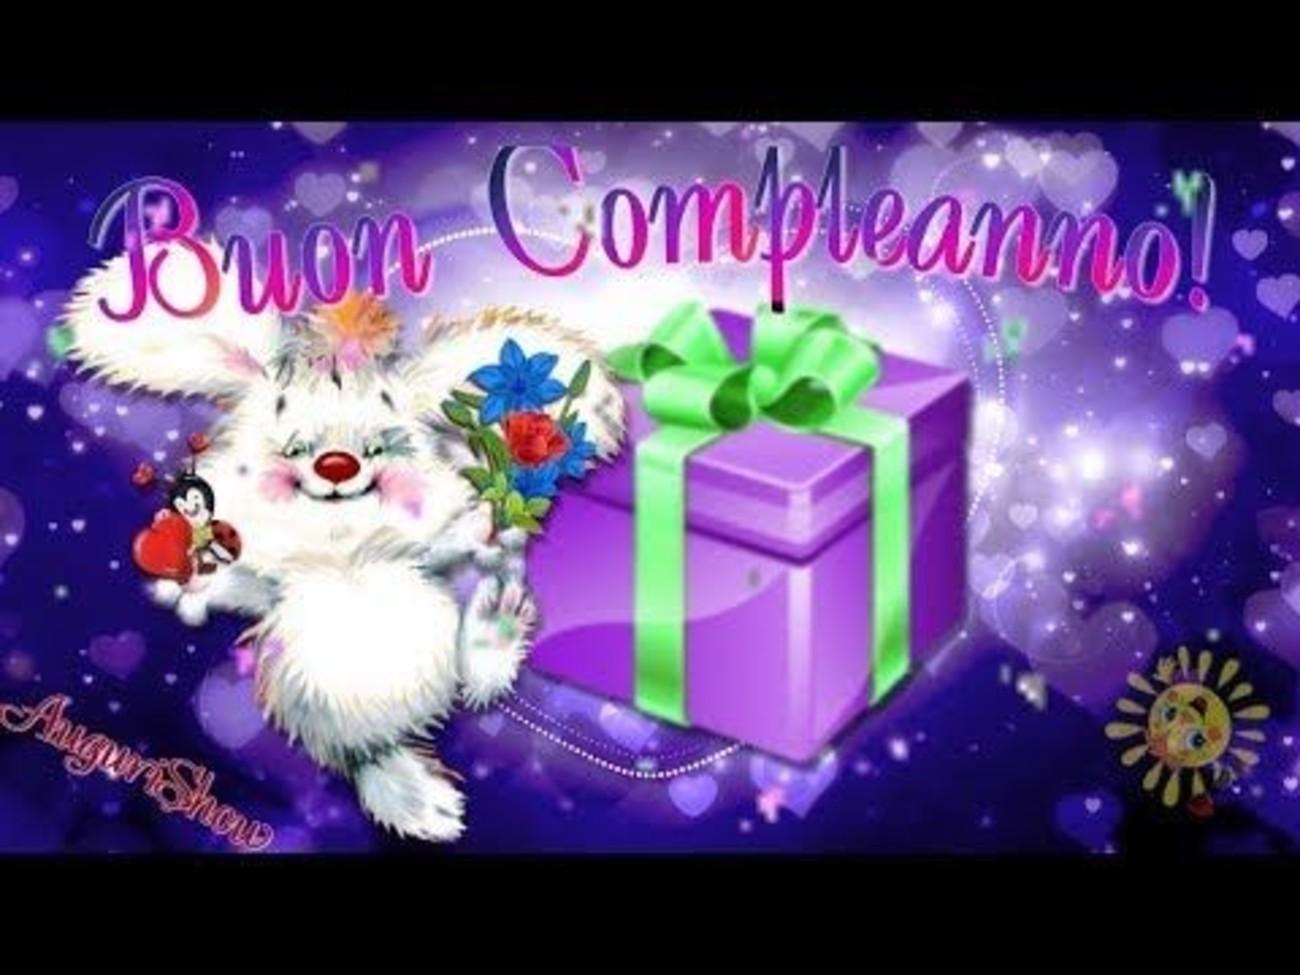 Buon Compleanno Per Un Amico Buongiorno Immagini It